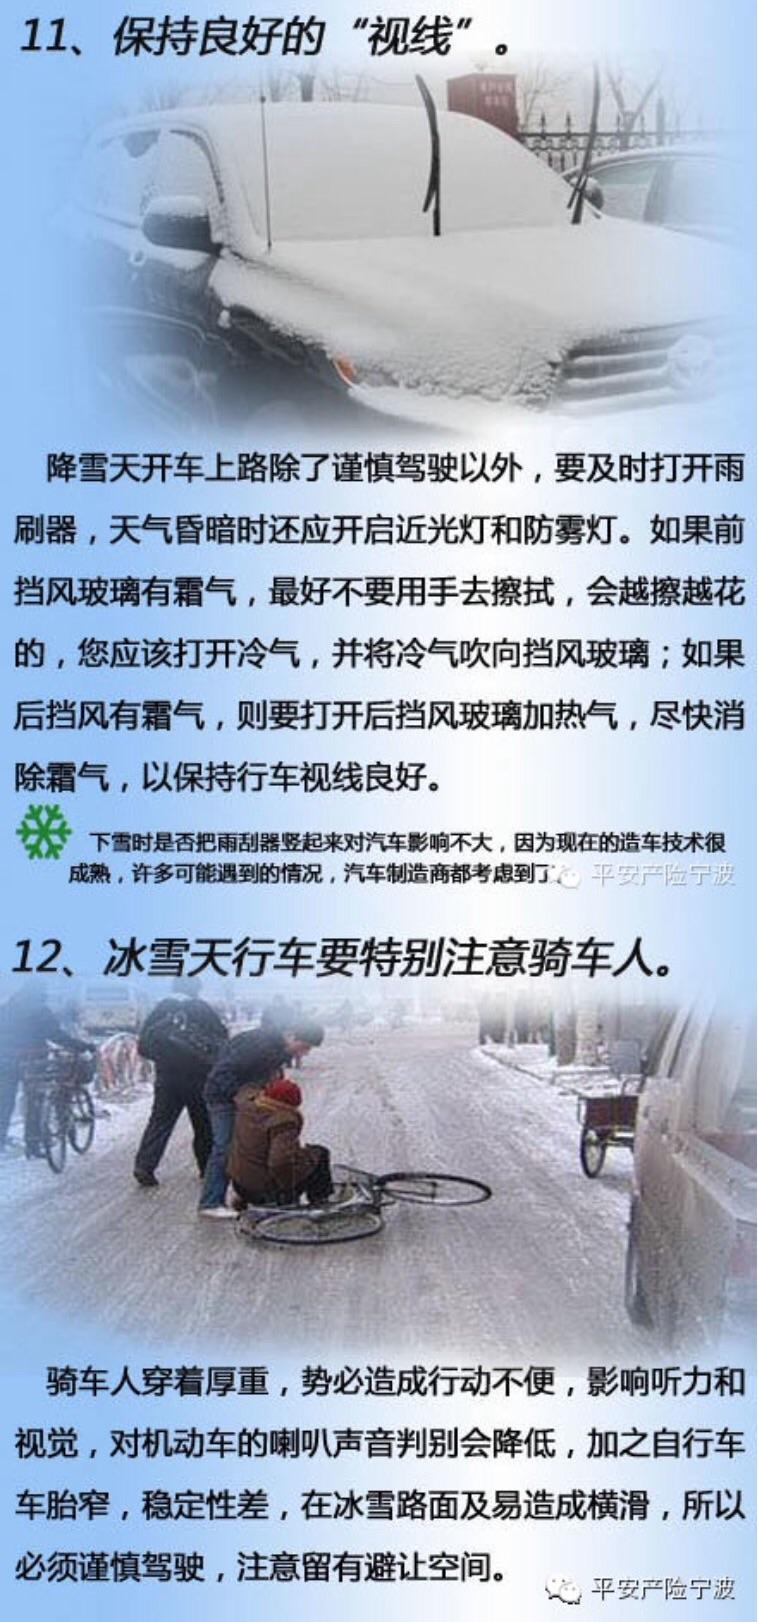 冬季行车安全小知识图片